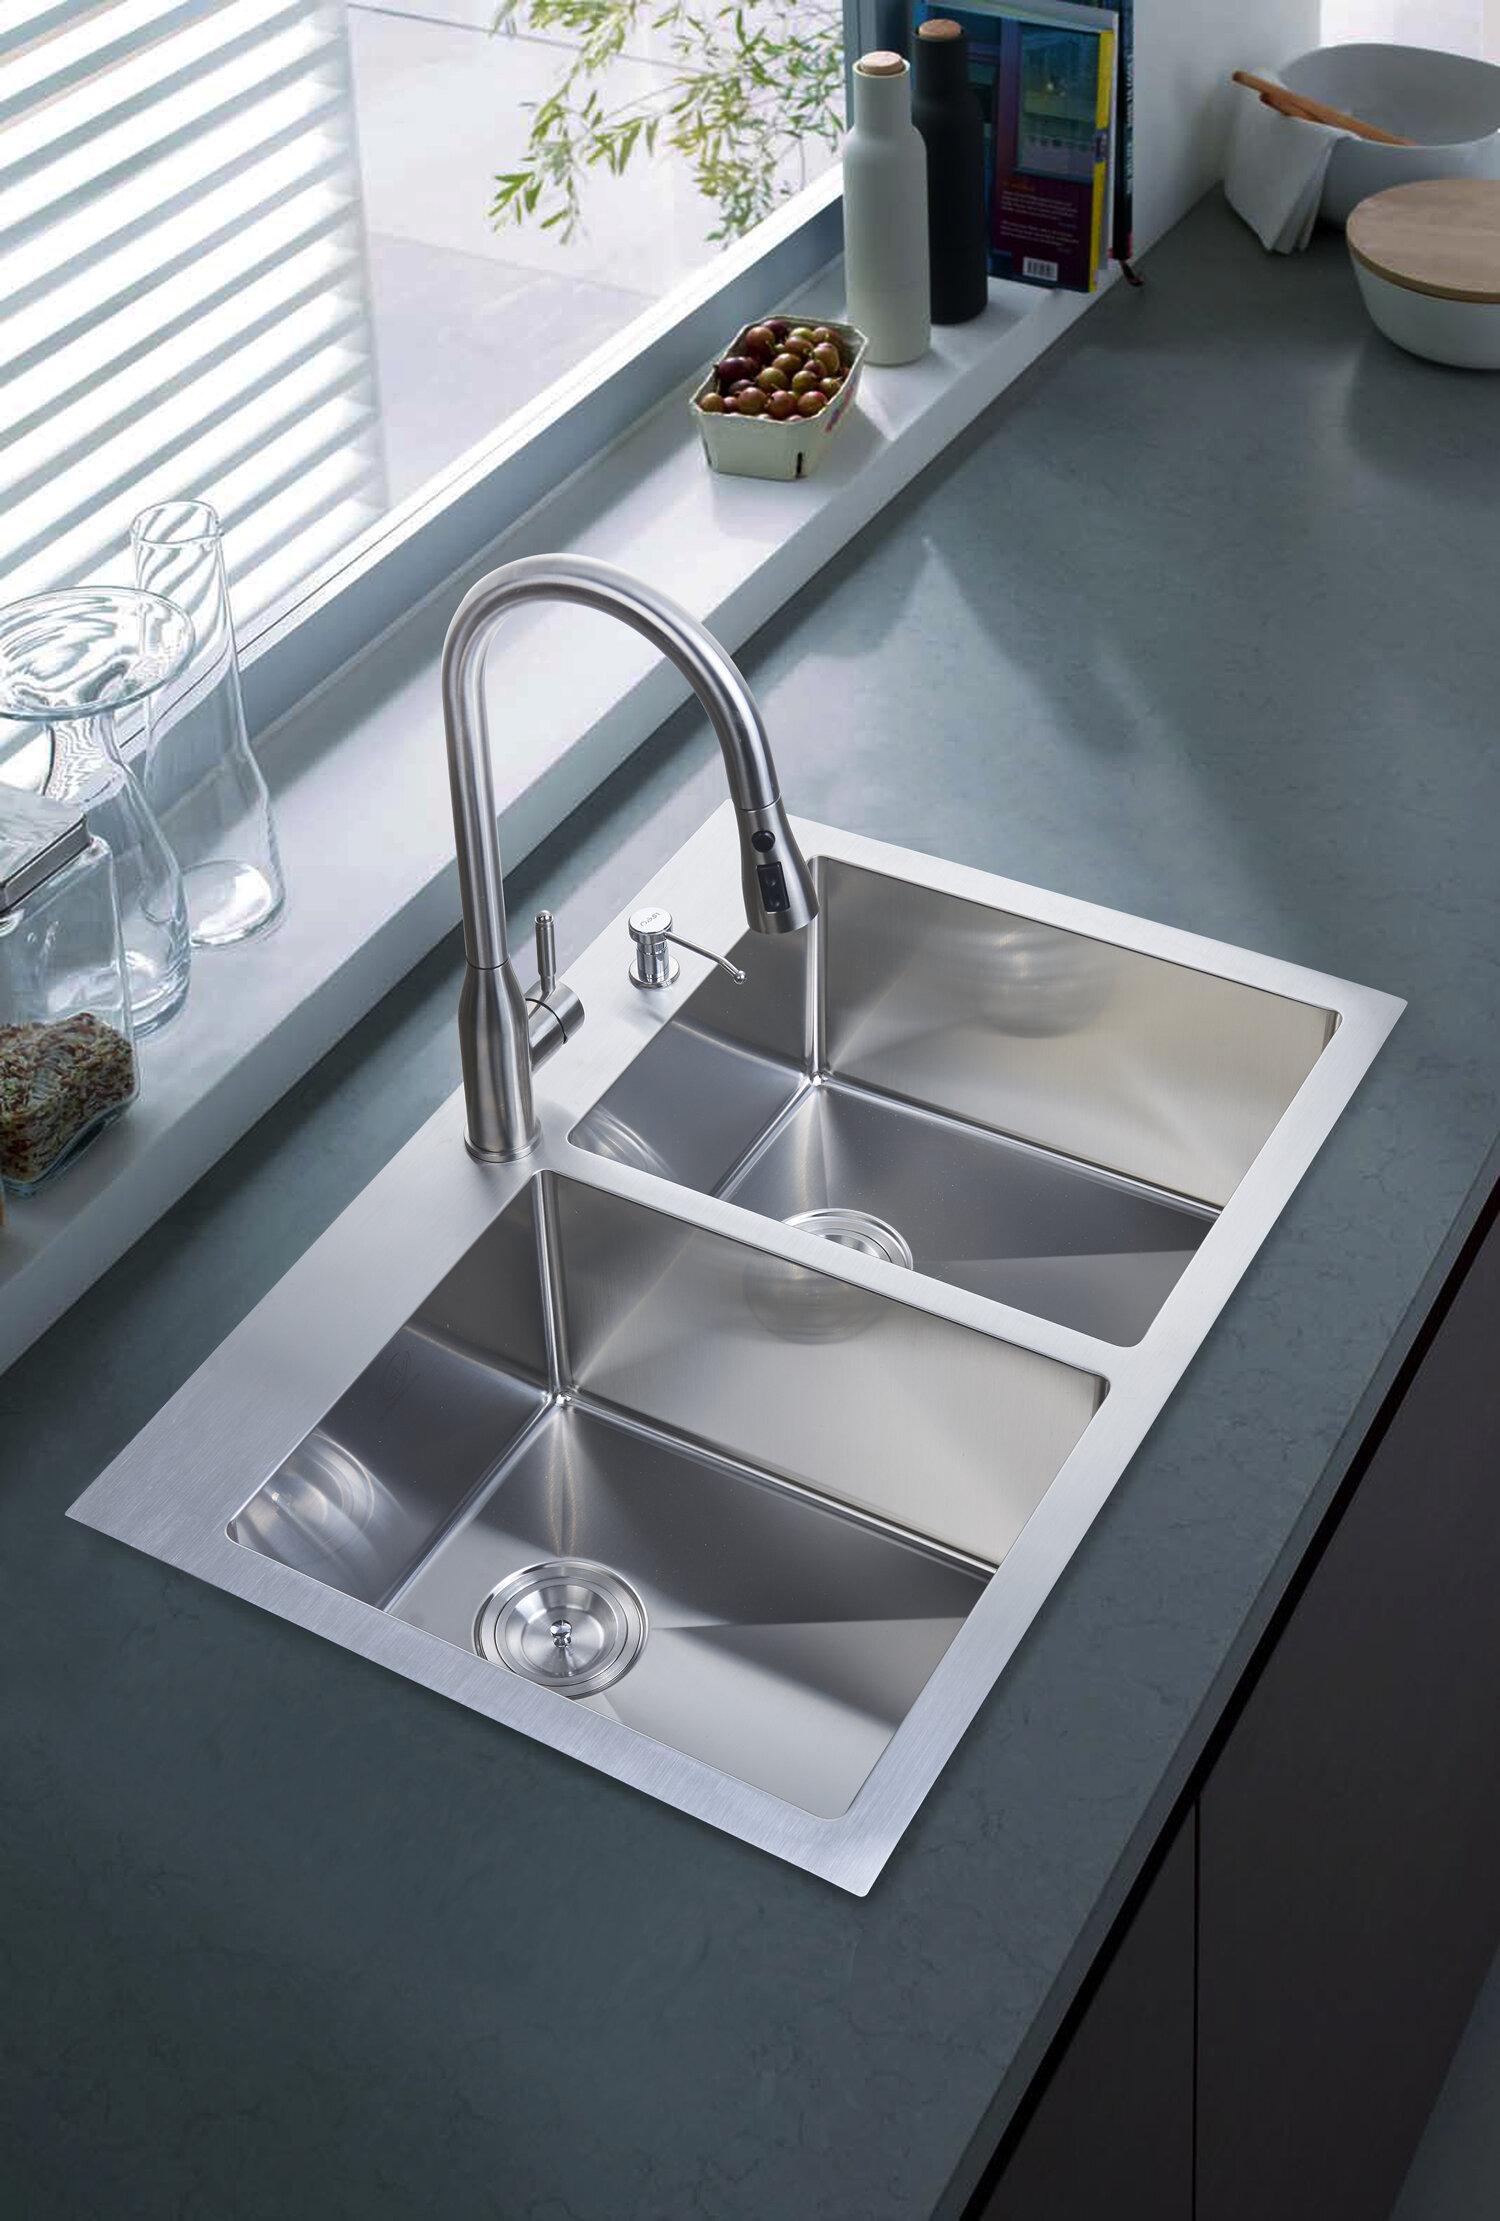 33 X 22 Overmount Kitchen Sink